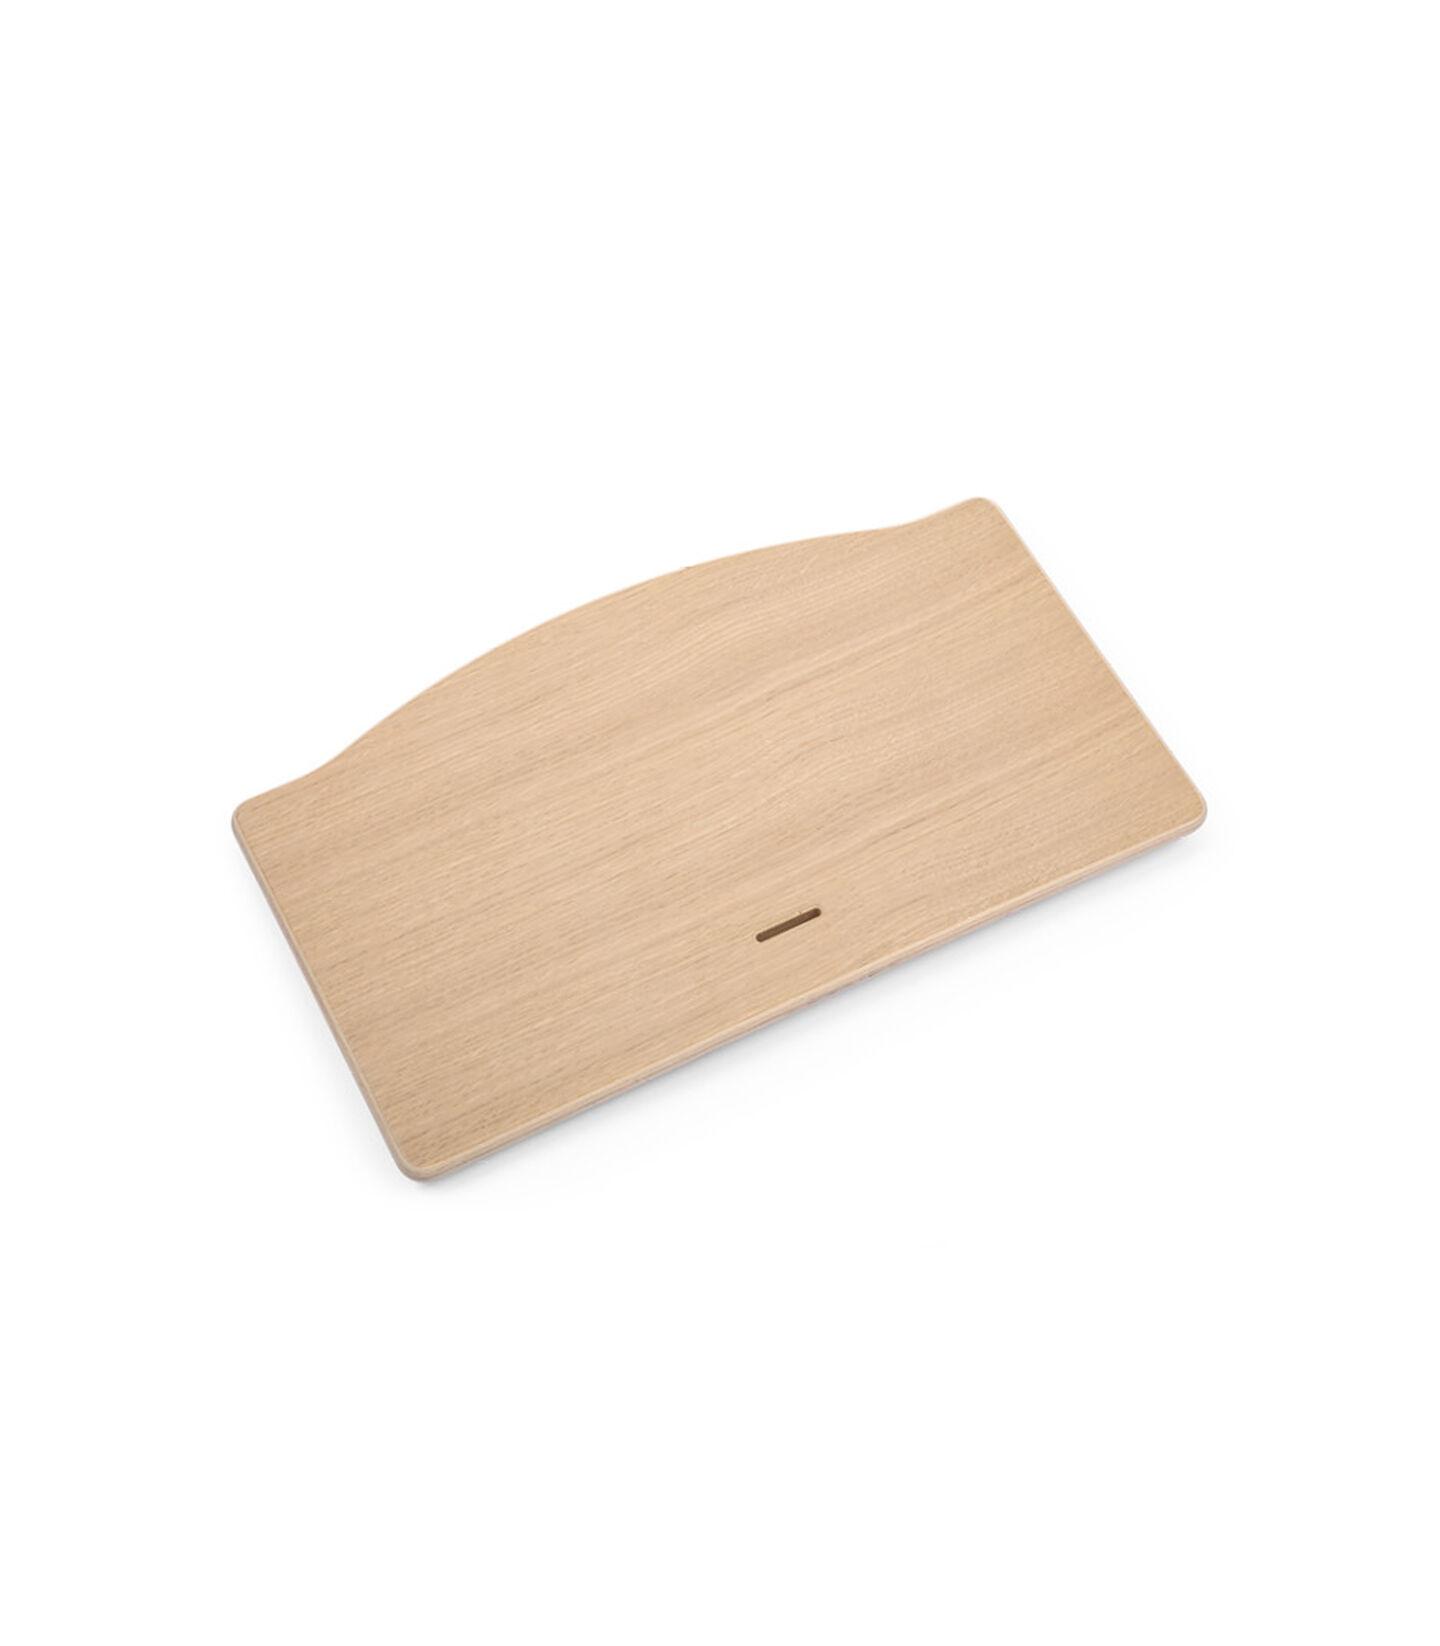 Tripp Trapp® Seatplate Oak White, Rovere Naturale, mainview